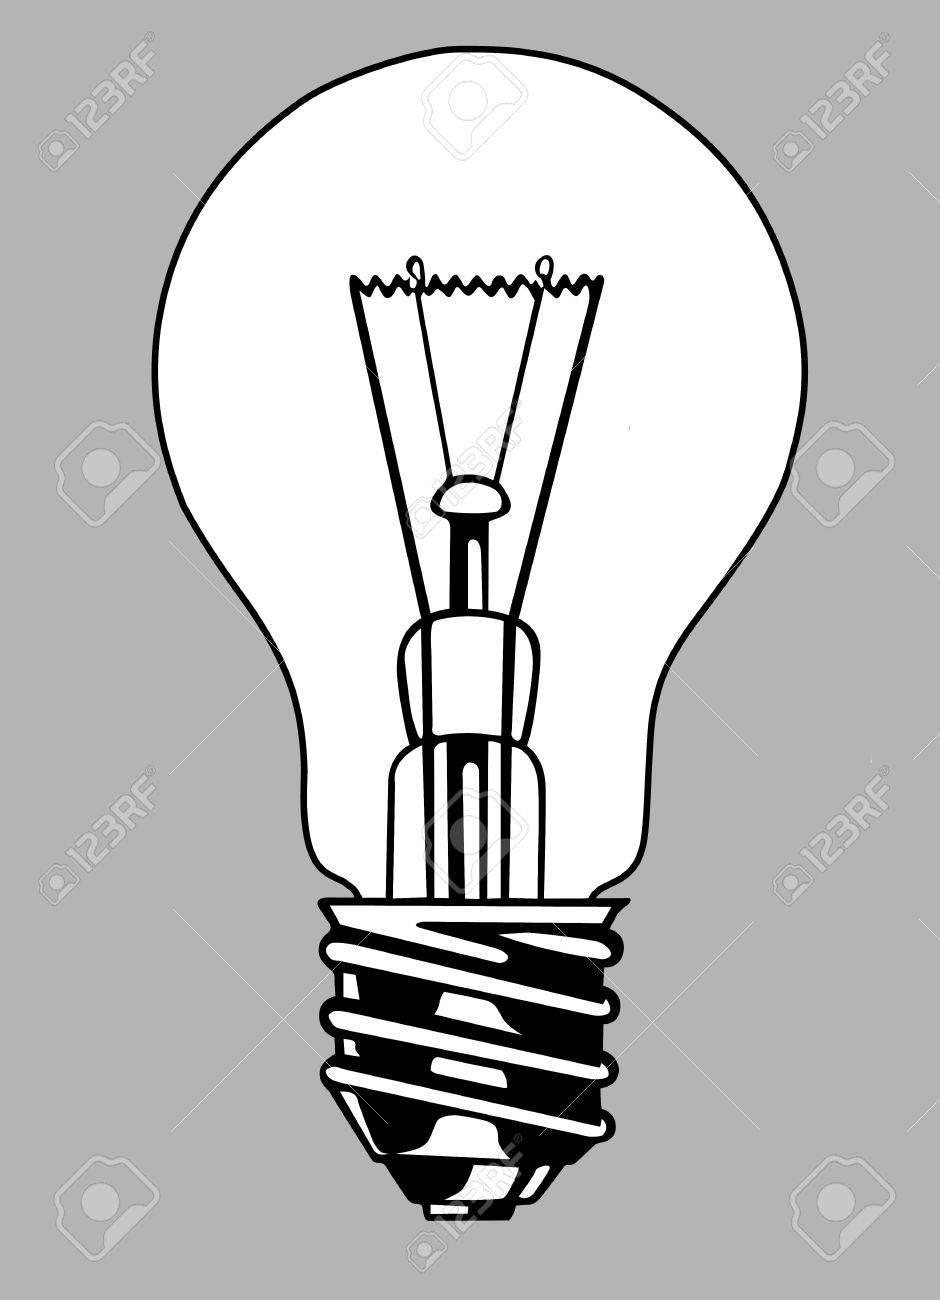 light bulb silhouette on gray background, vector illustration Stock Vector - 12880511